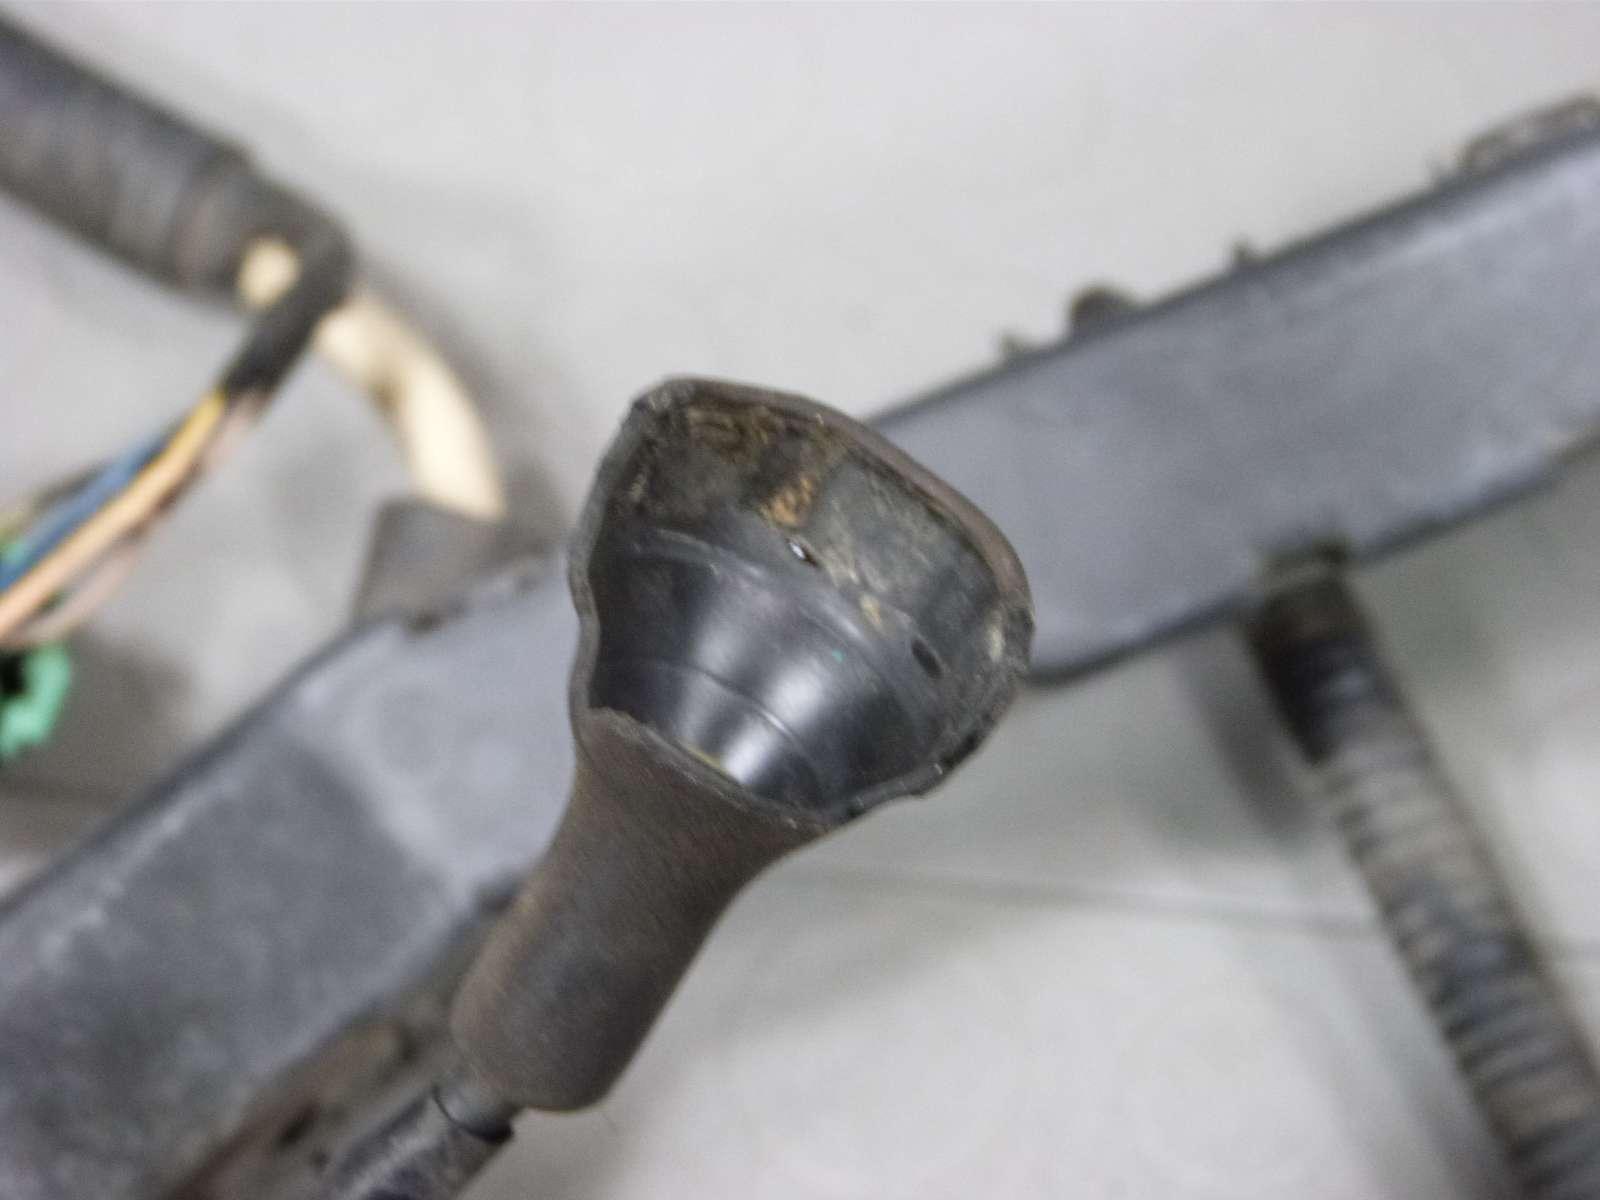 Sohc Zc Wiring Harness : Honda civic del sol si obd sohc vtec d y engine